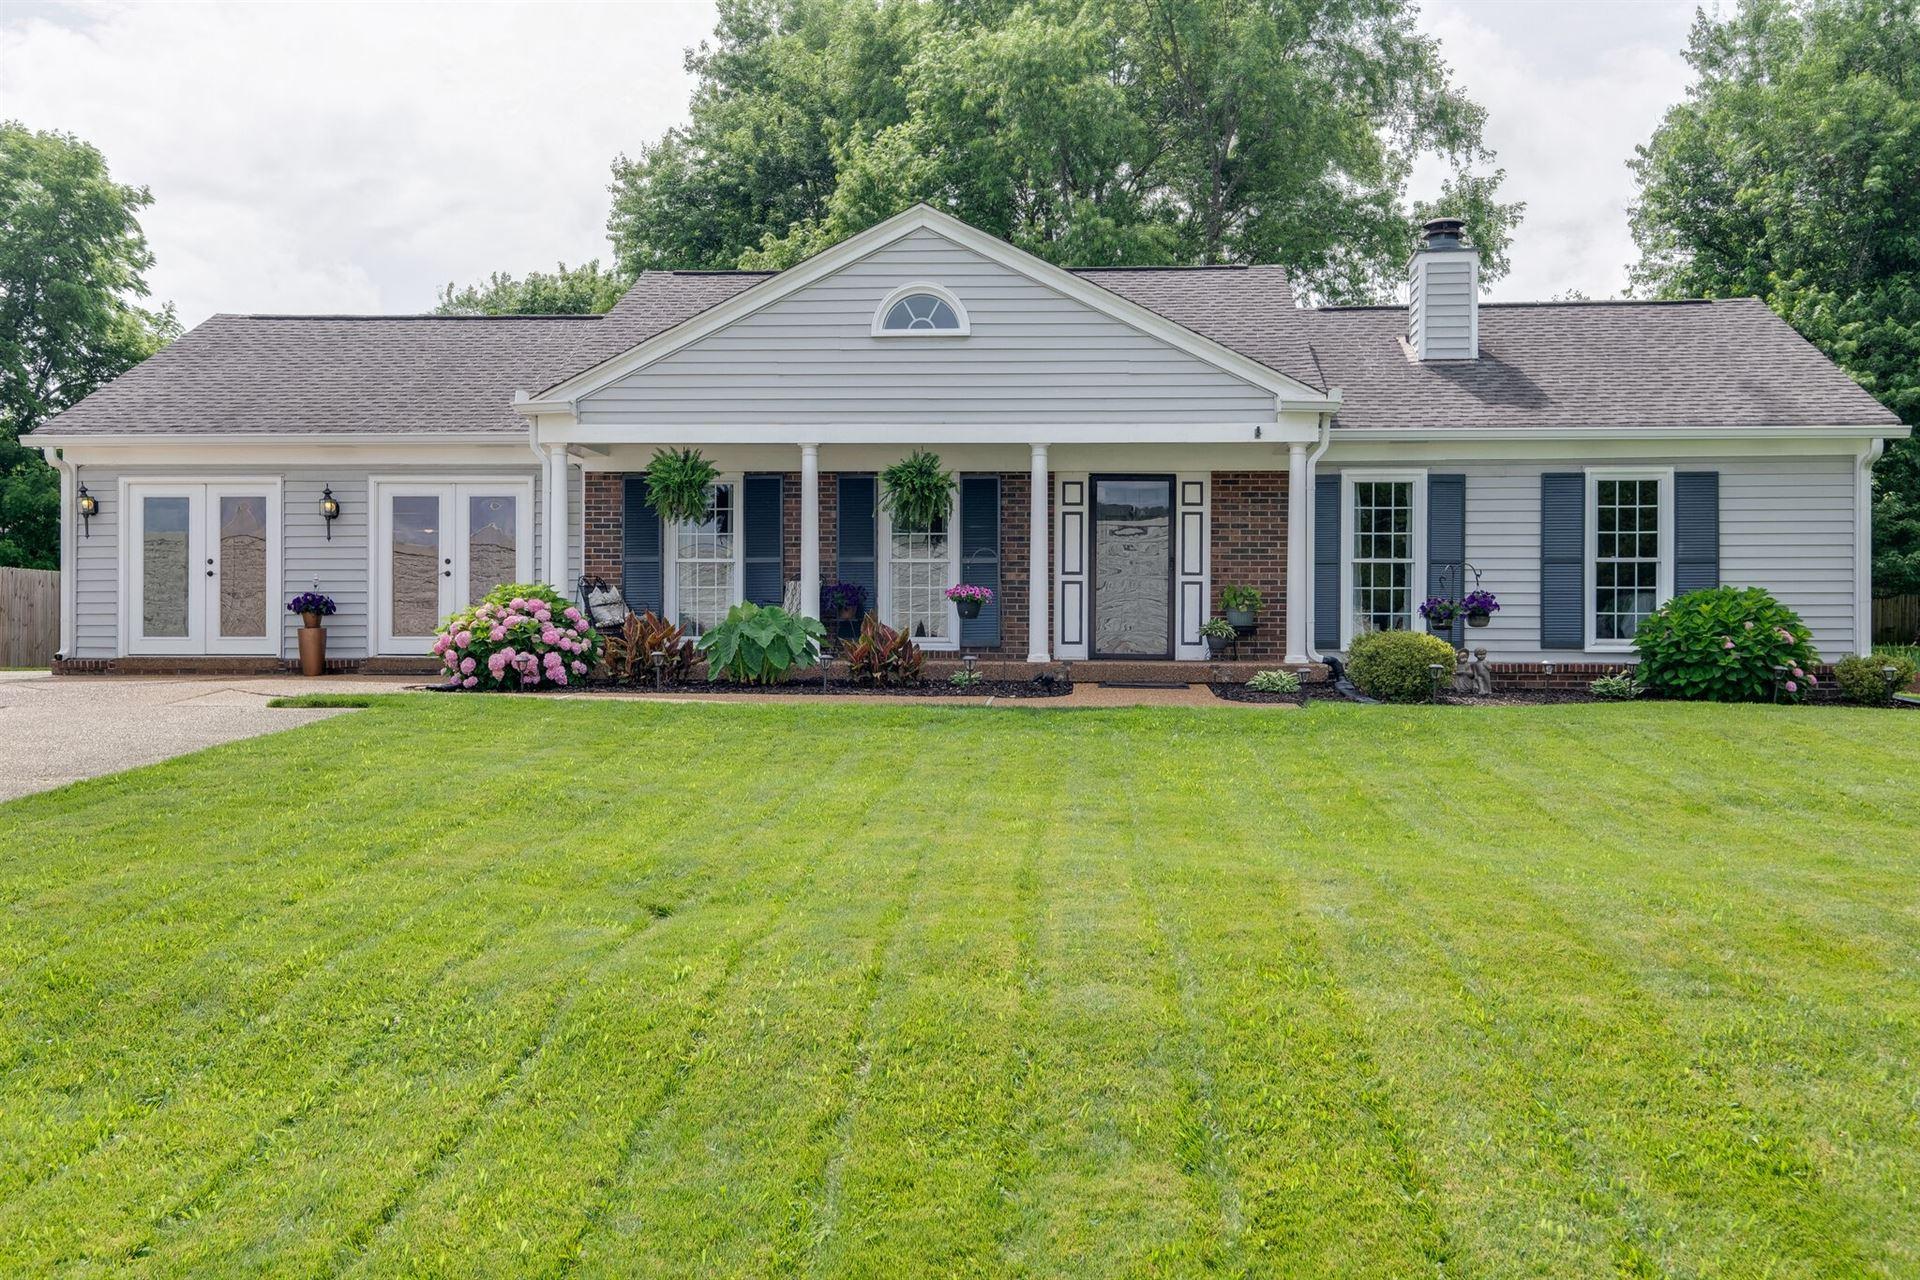 Photo of 969 Oak Meadow Dr, Franklin, TN 37064 (MLS # 2261837)